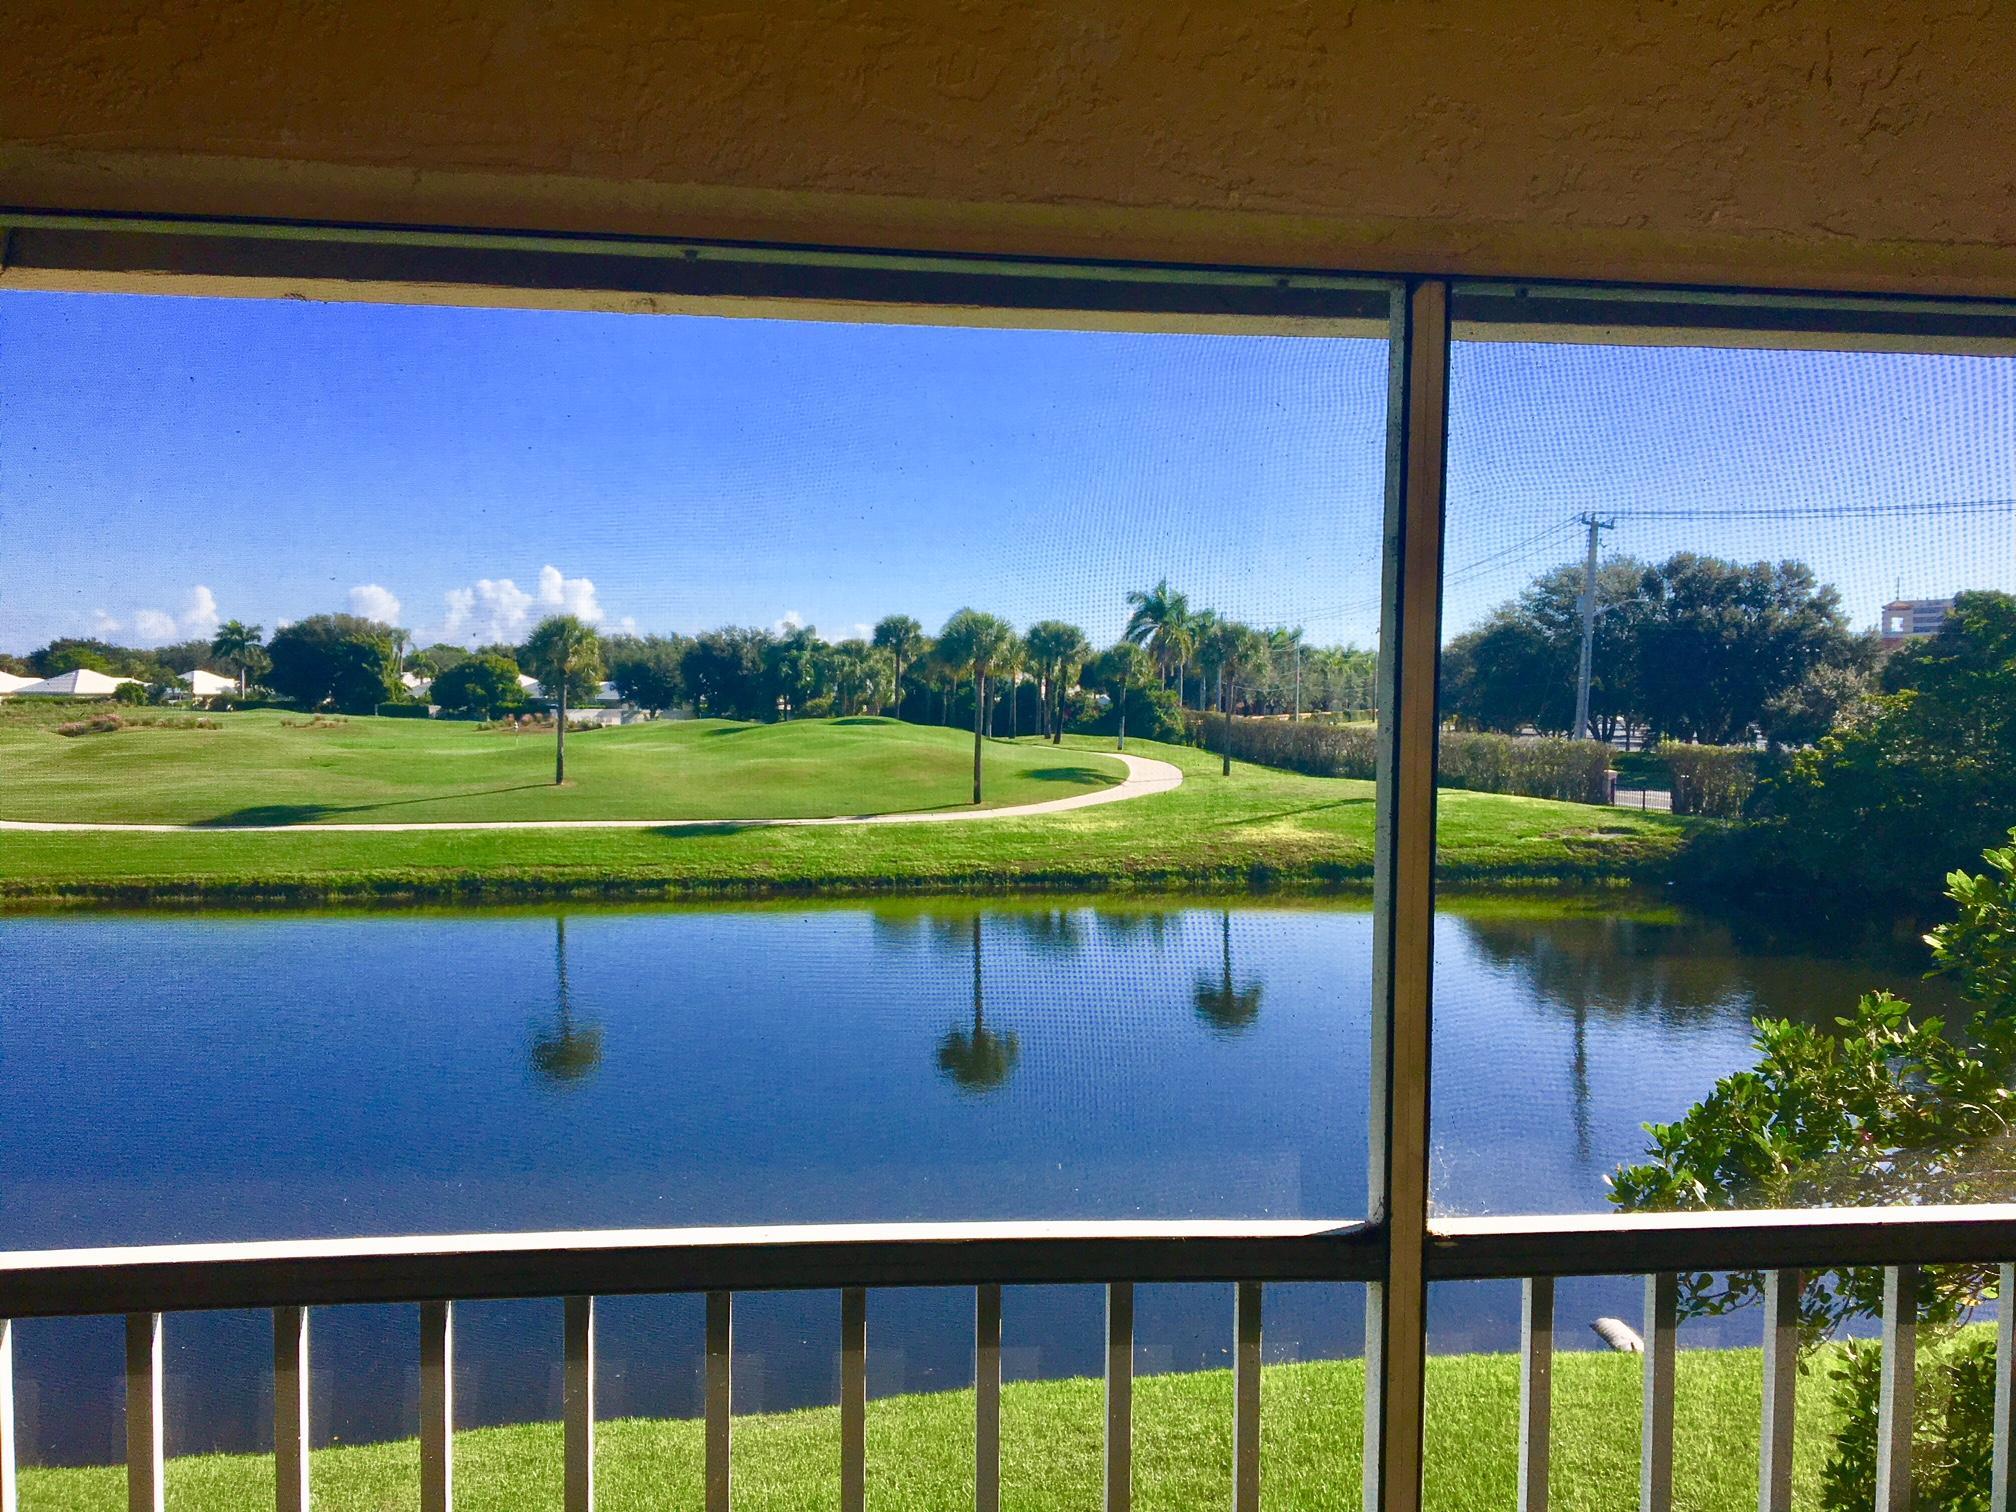 1484 The Pointe Drive 1484 West Palm Beach, FL 33409